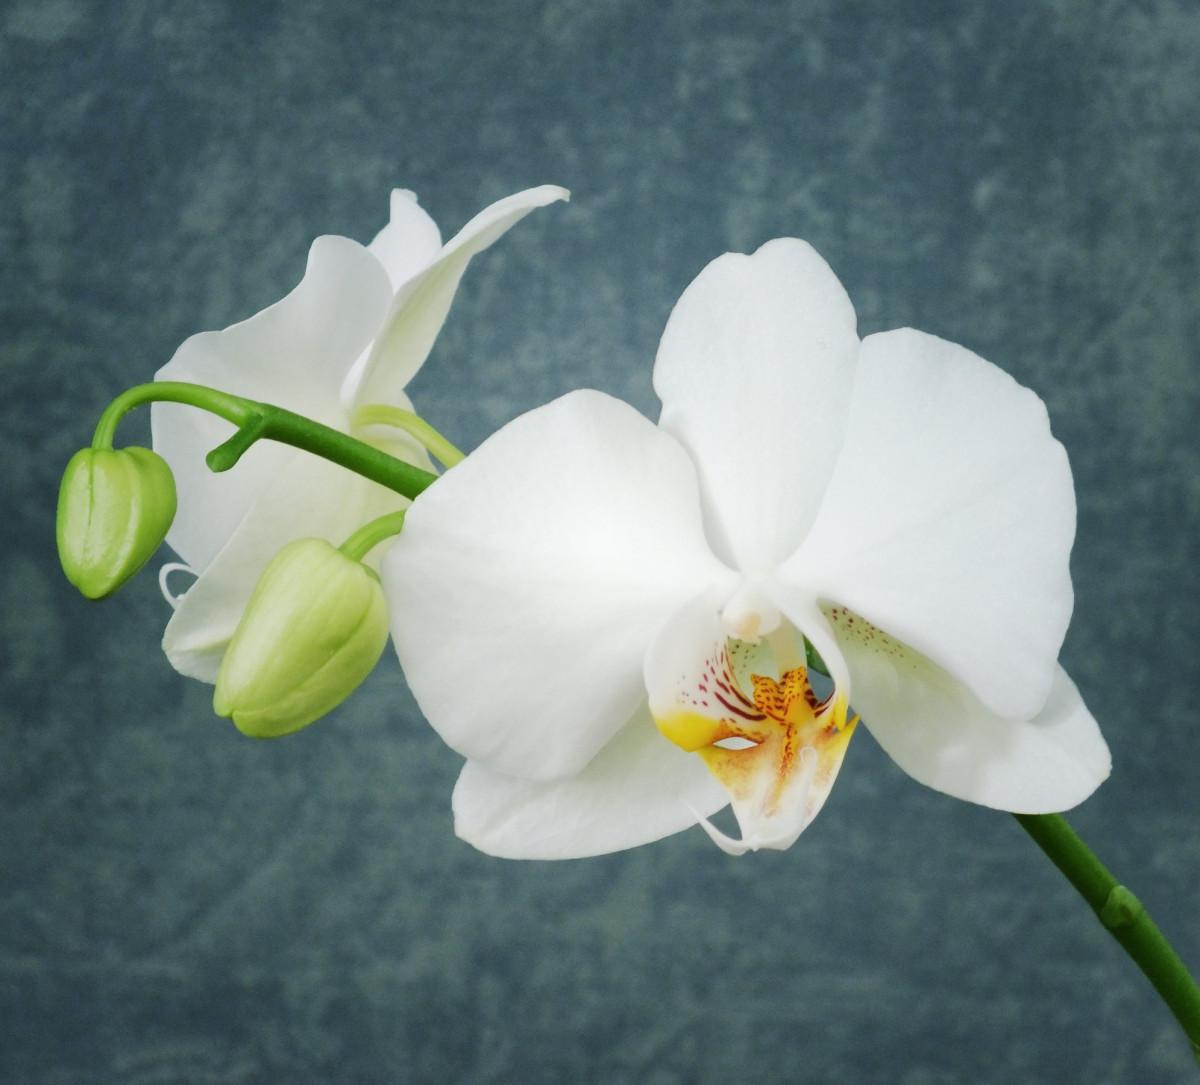 картинки орхидей на ножке явно любит сниматься